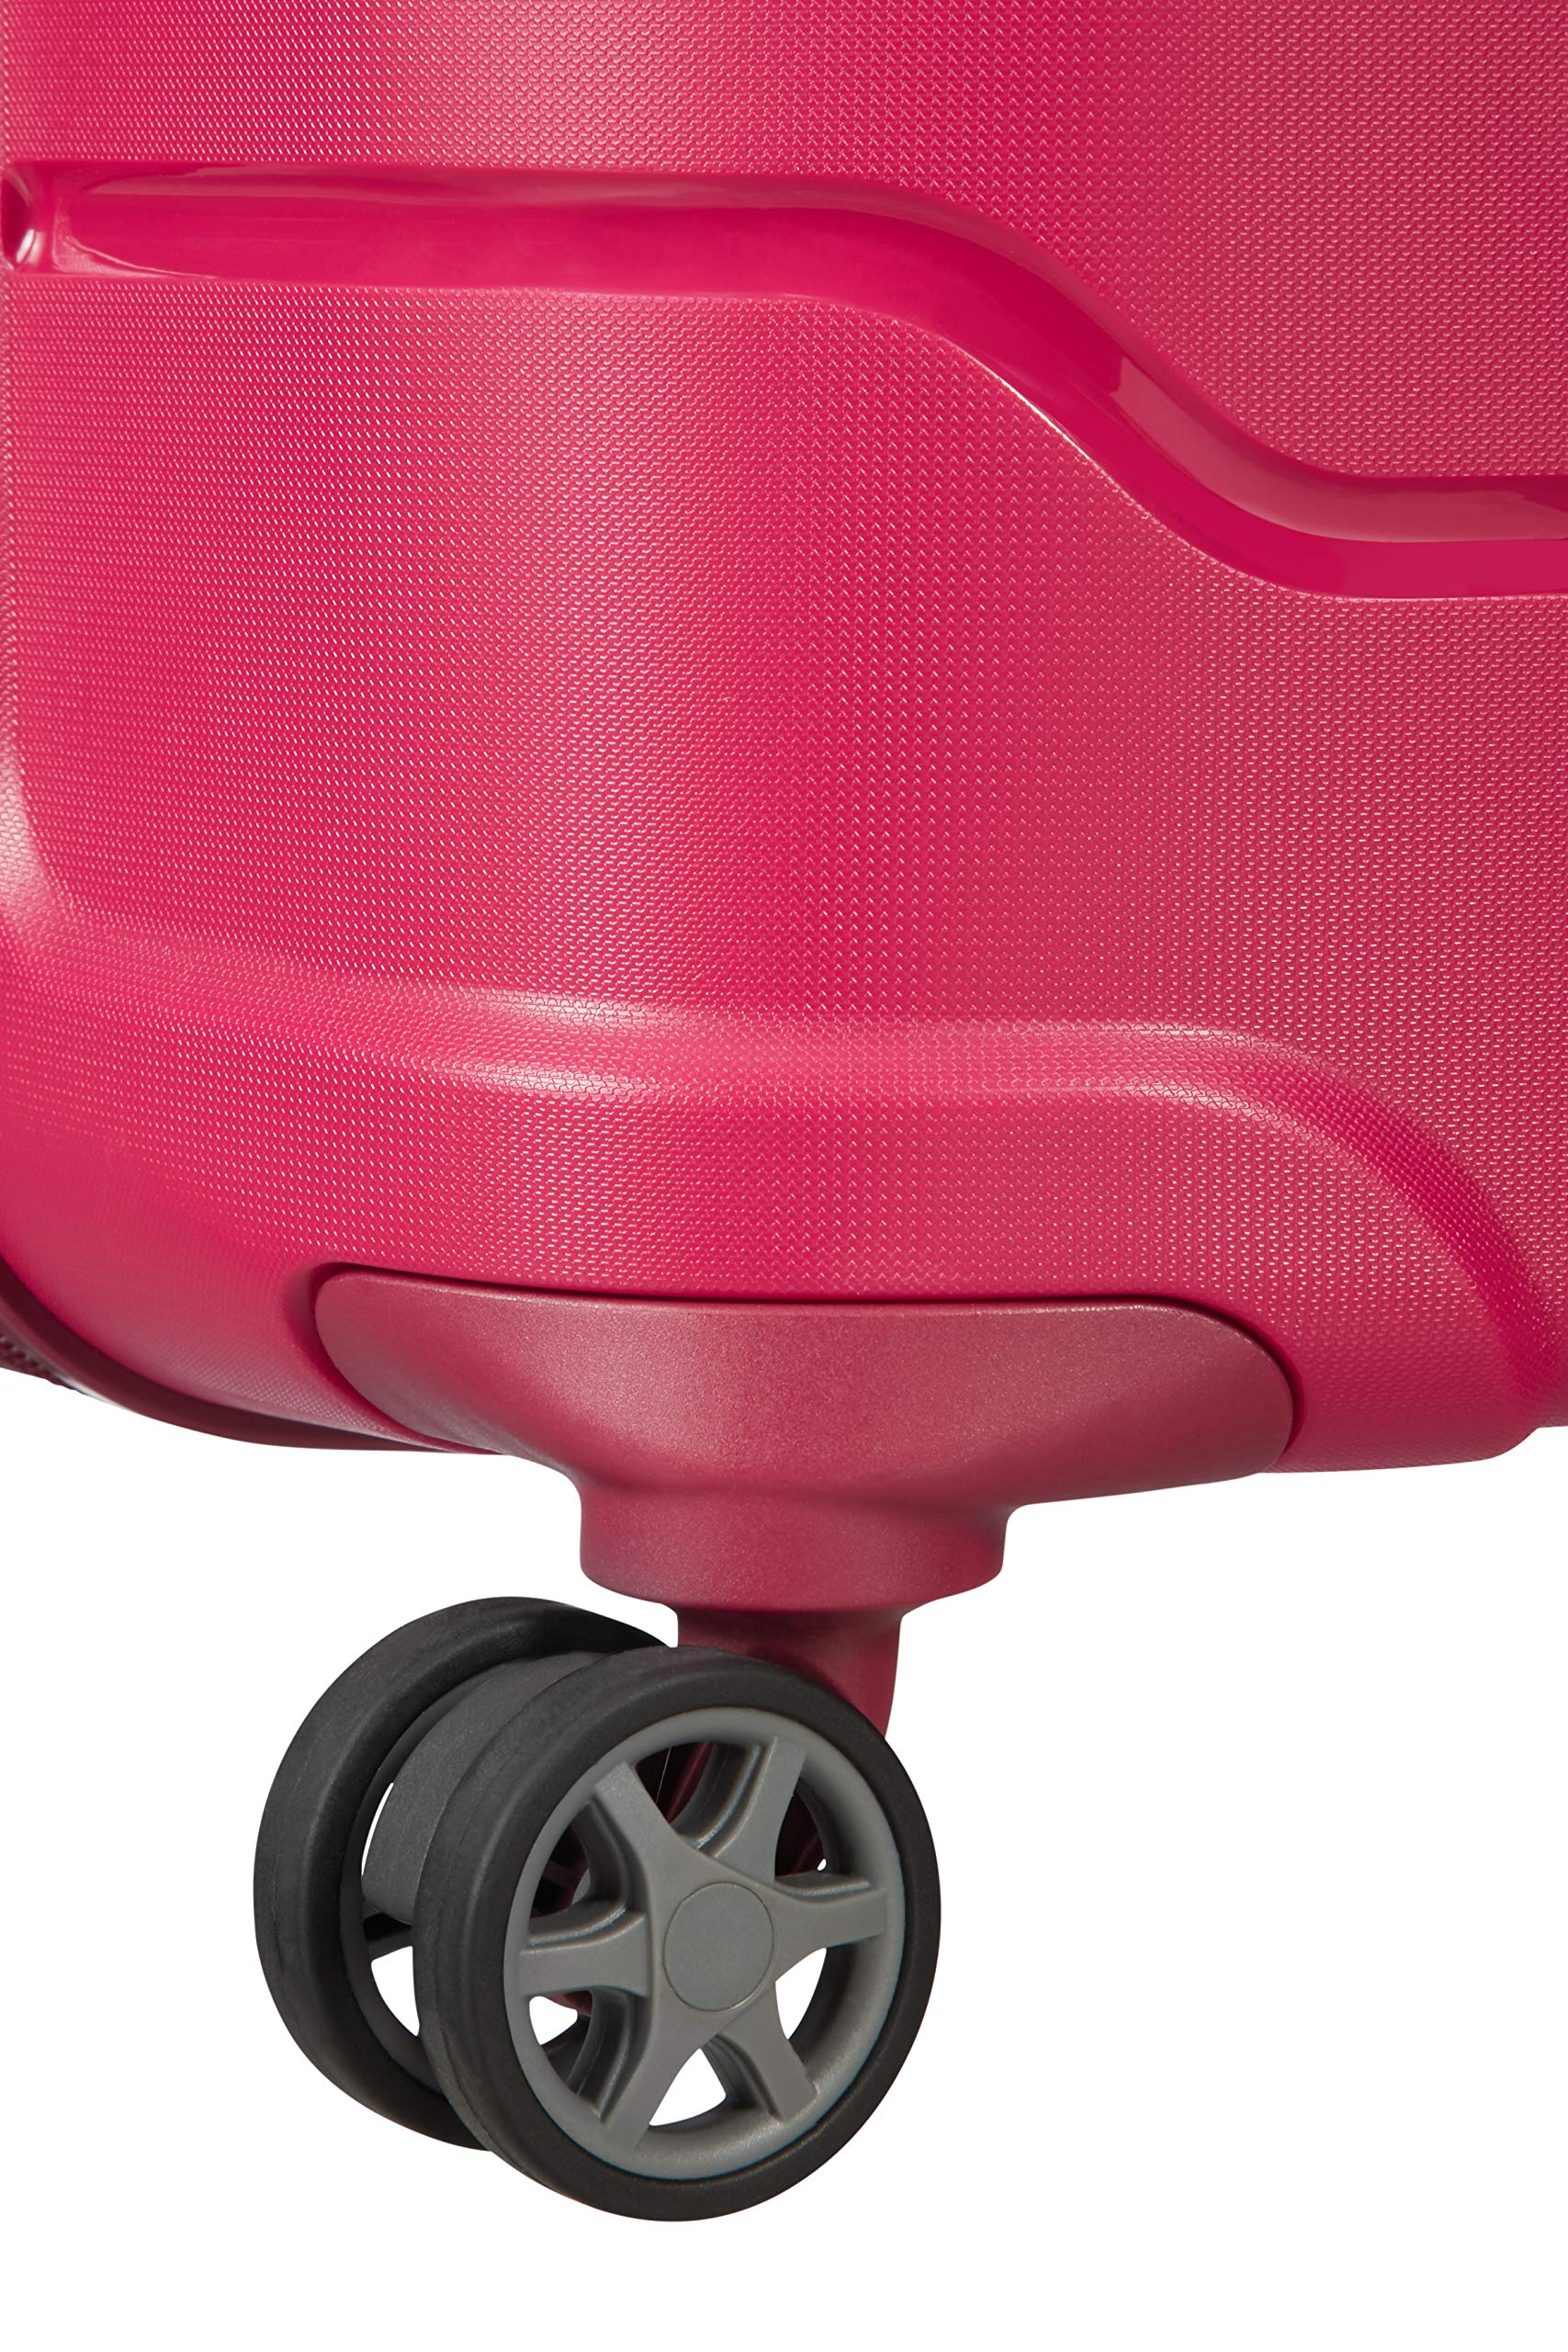 SAMSONITE-Flux-Spinner-55-Expandable-2-70-kg-Koffer-44-Liter-Granita-Red